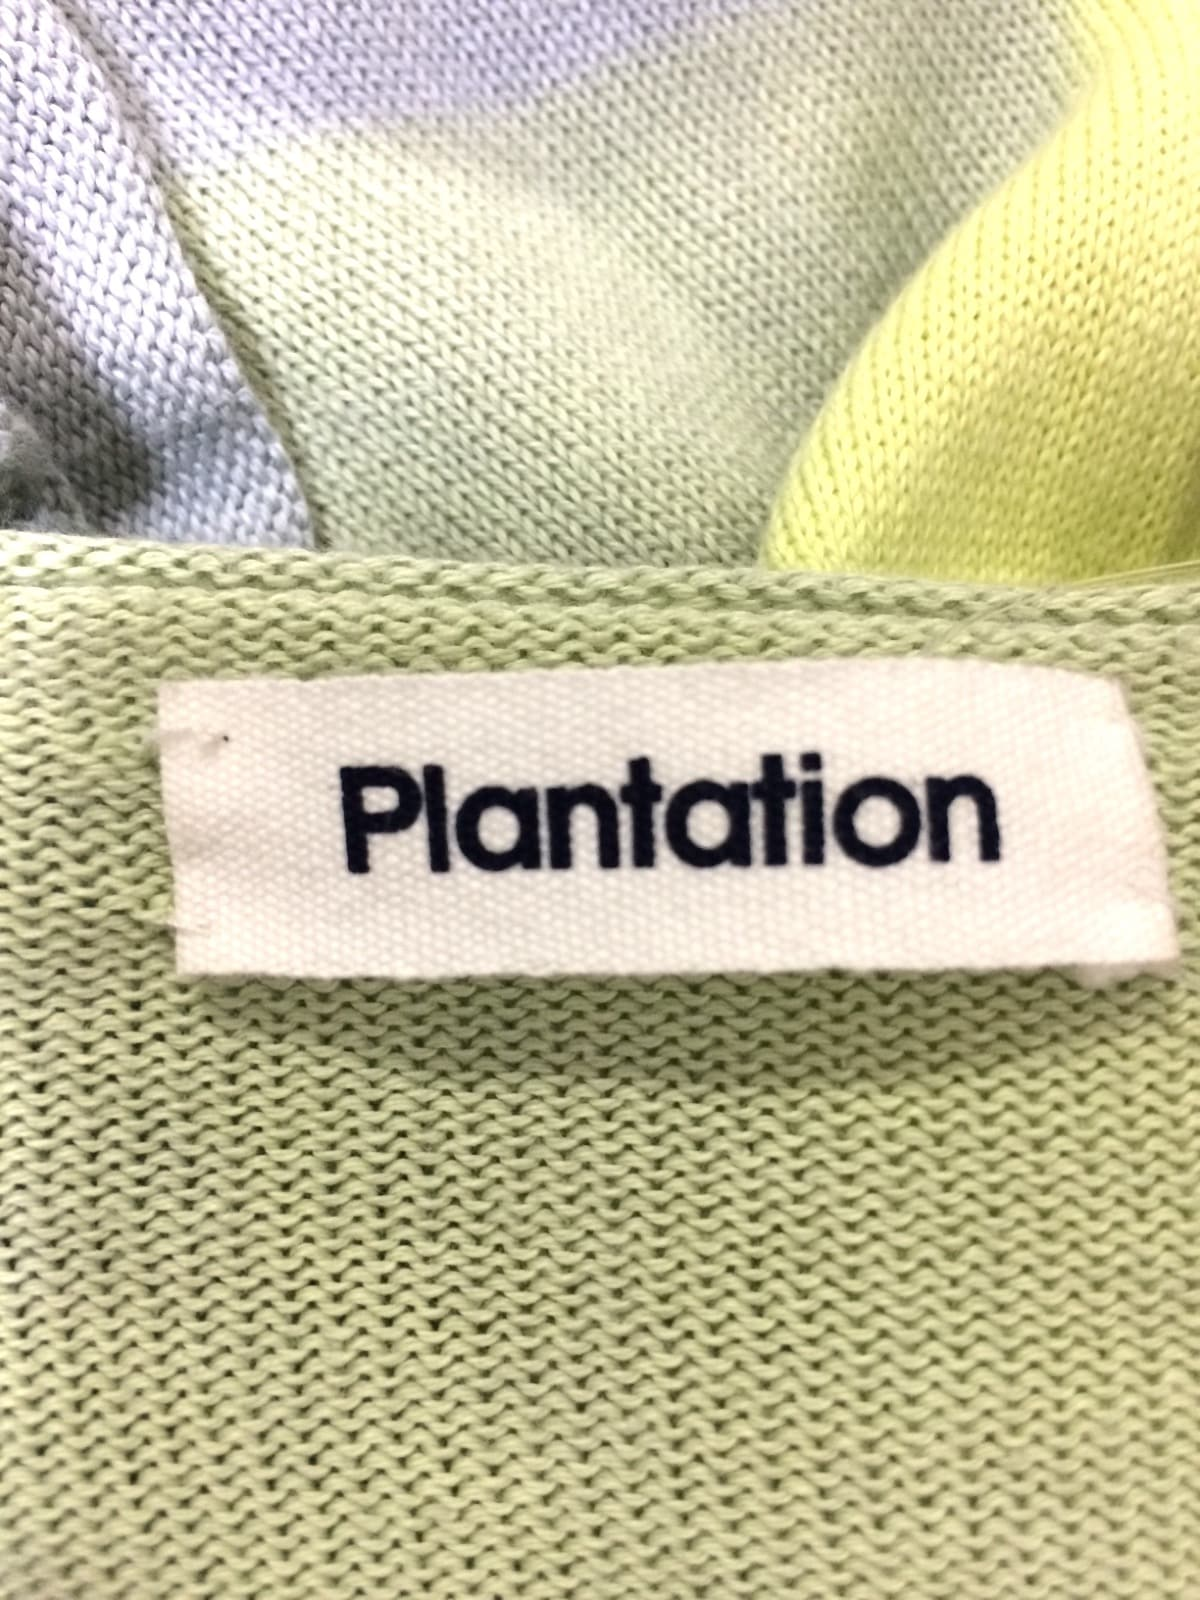 Plantation(プランテーション)のセーター